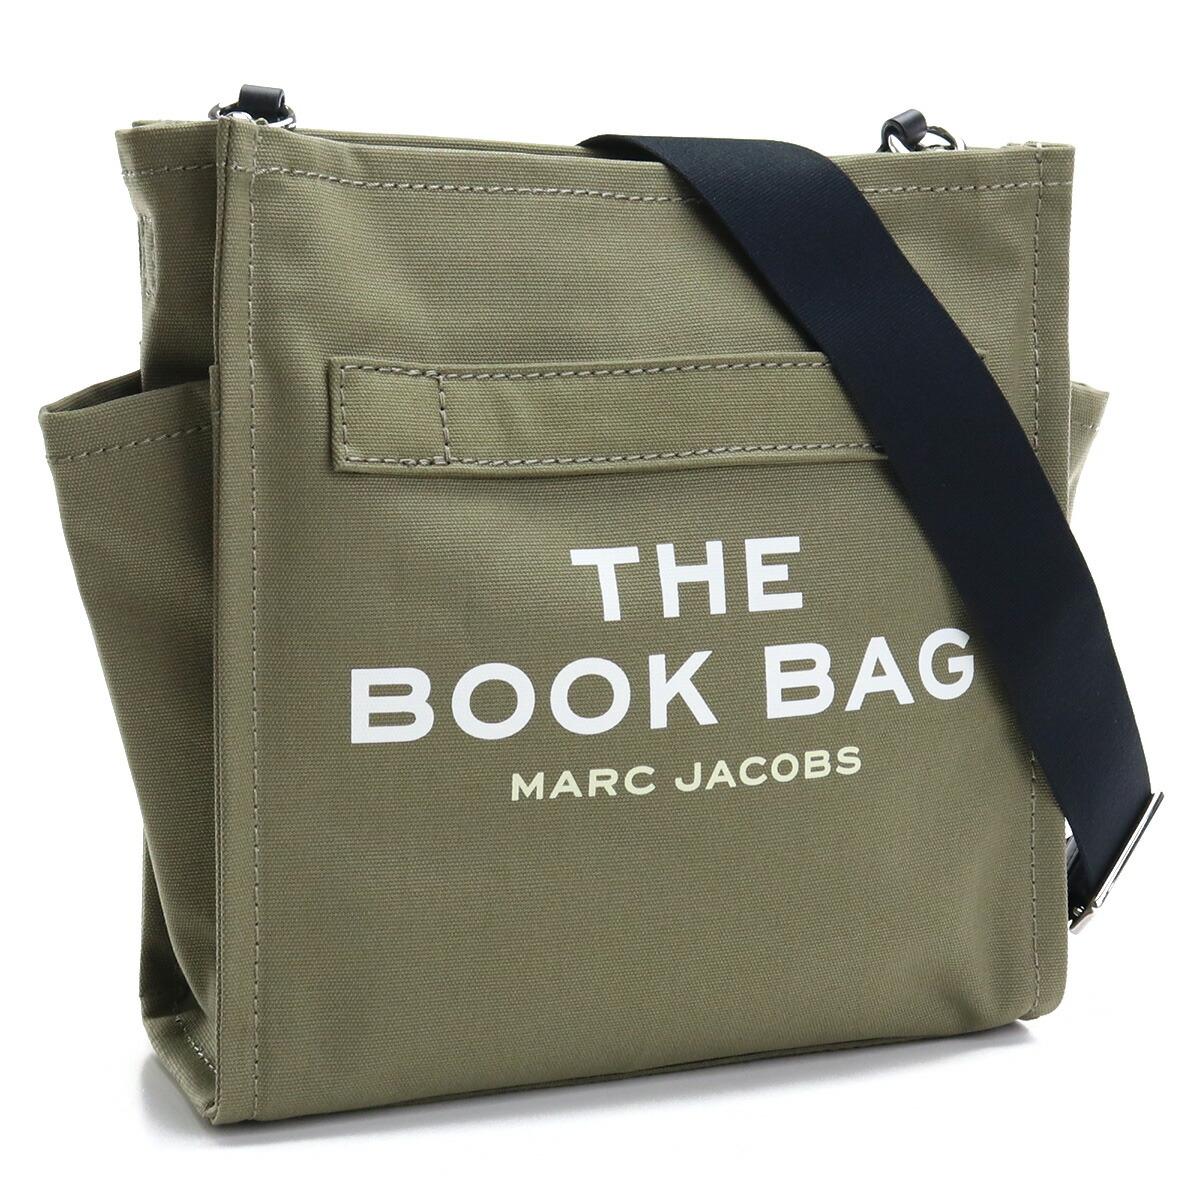 マーク・ジェイコブス MARC JACOBS THE BOOK BAG 斜め掛け ショルダーバッグ ブランドバッグ M0017047 372 SLATE GREEN カーキ